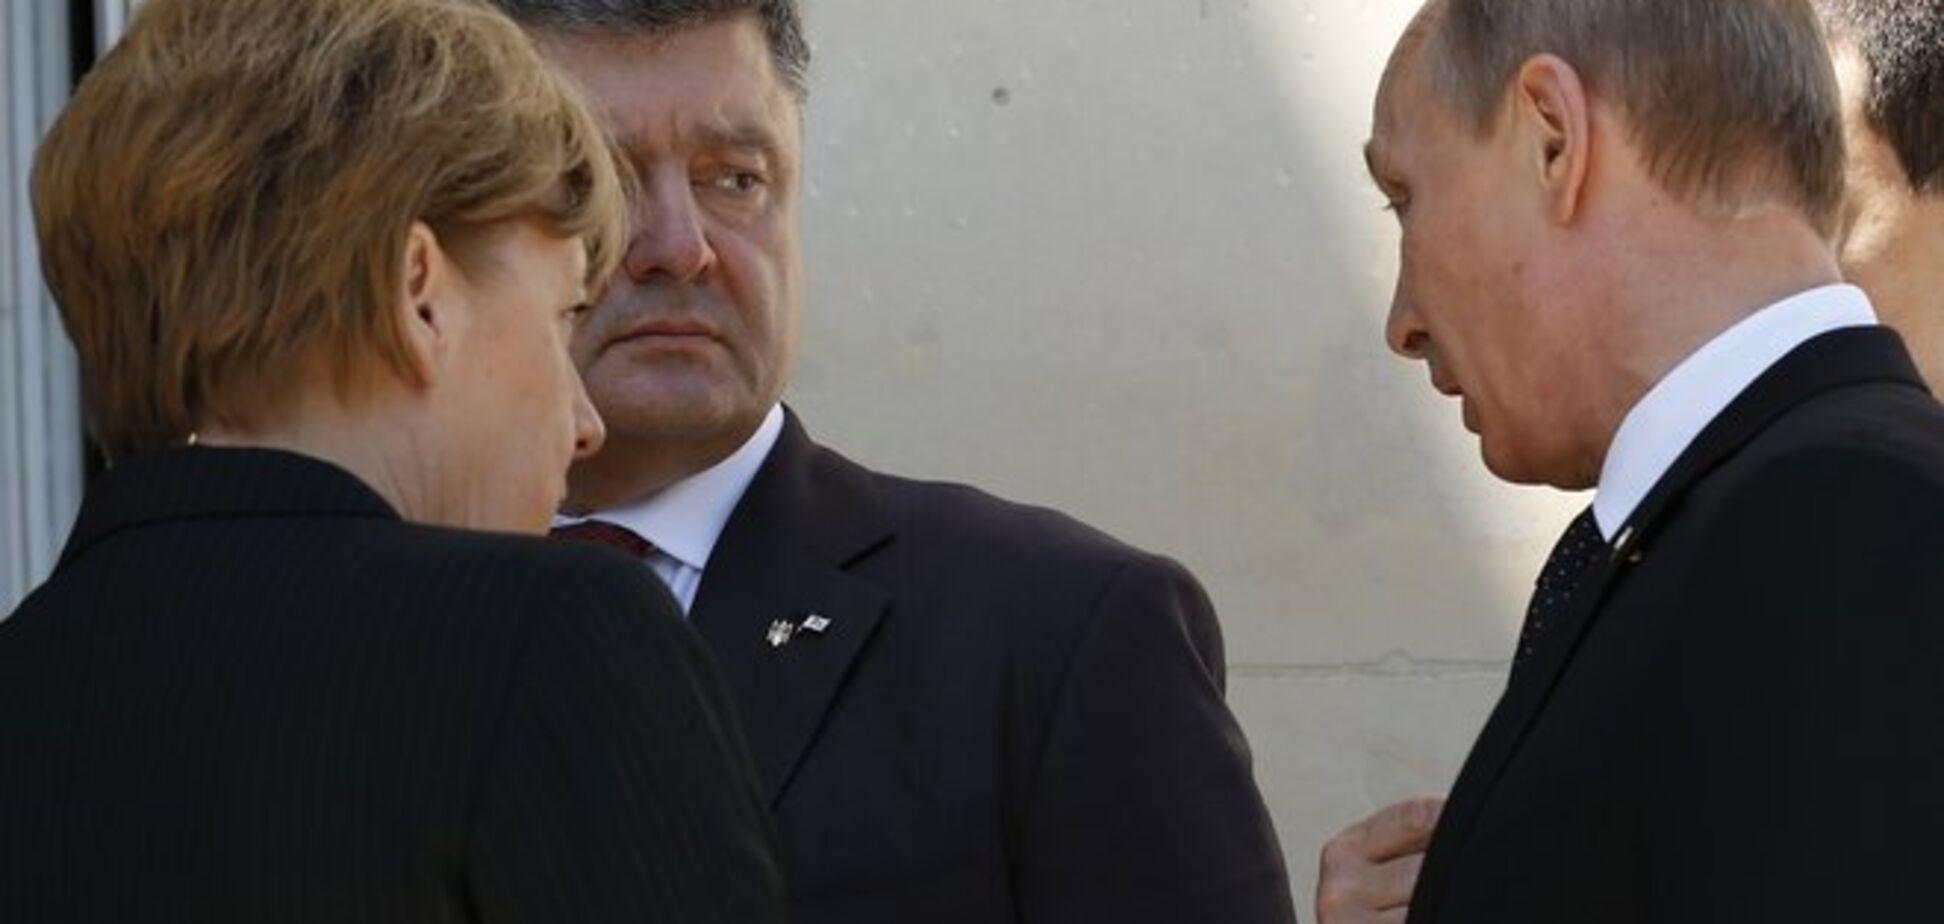 Порошенко анонсировал телефонную конференцию по ситуации на Донбассе в нормандском формате